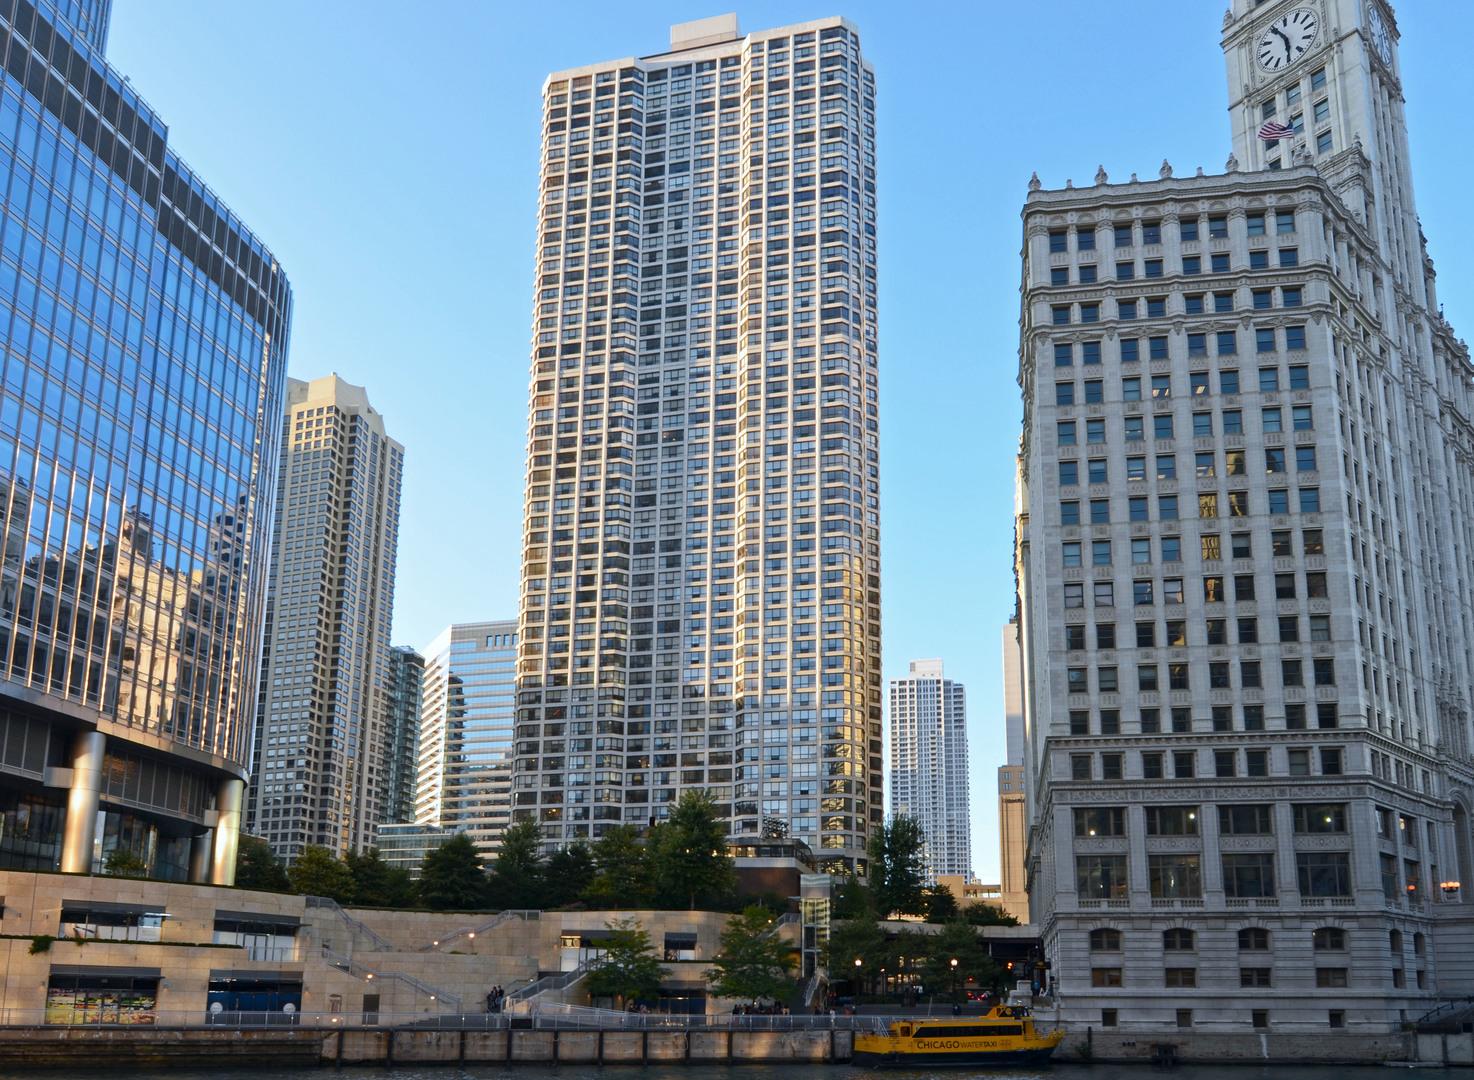 405 NORTH WABASH AVENUE #4009, CHICAGO, IL 60611